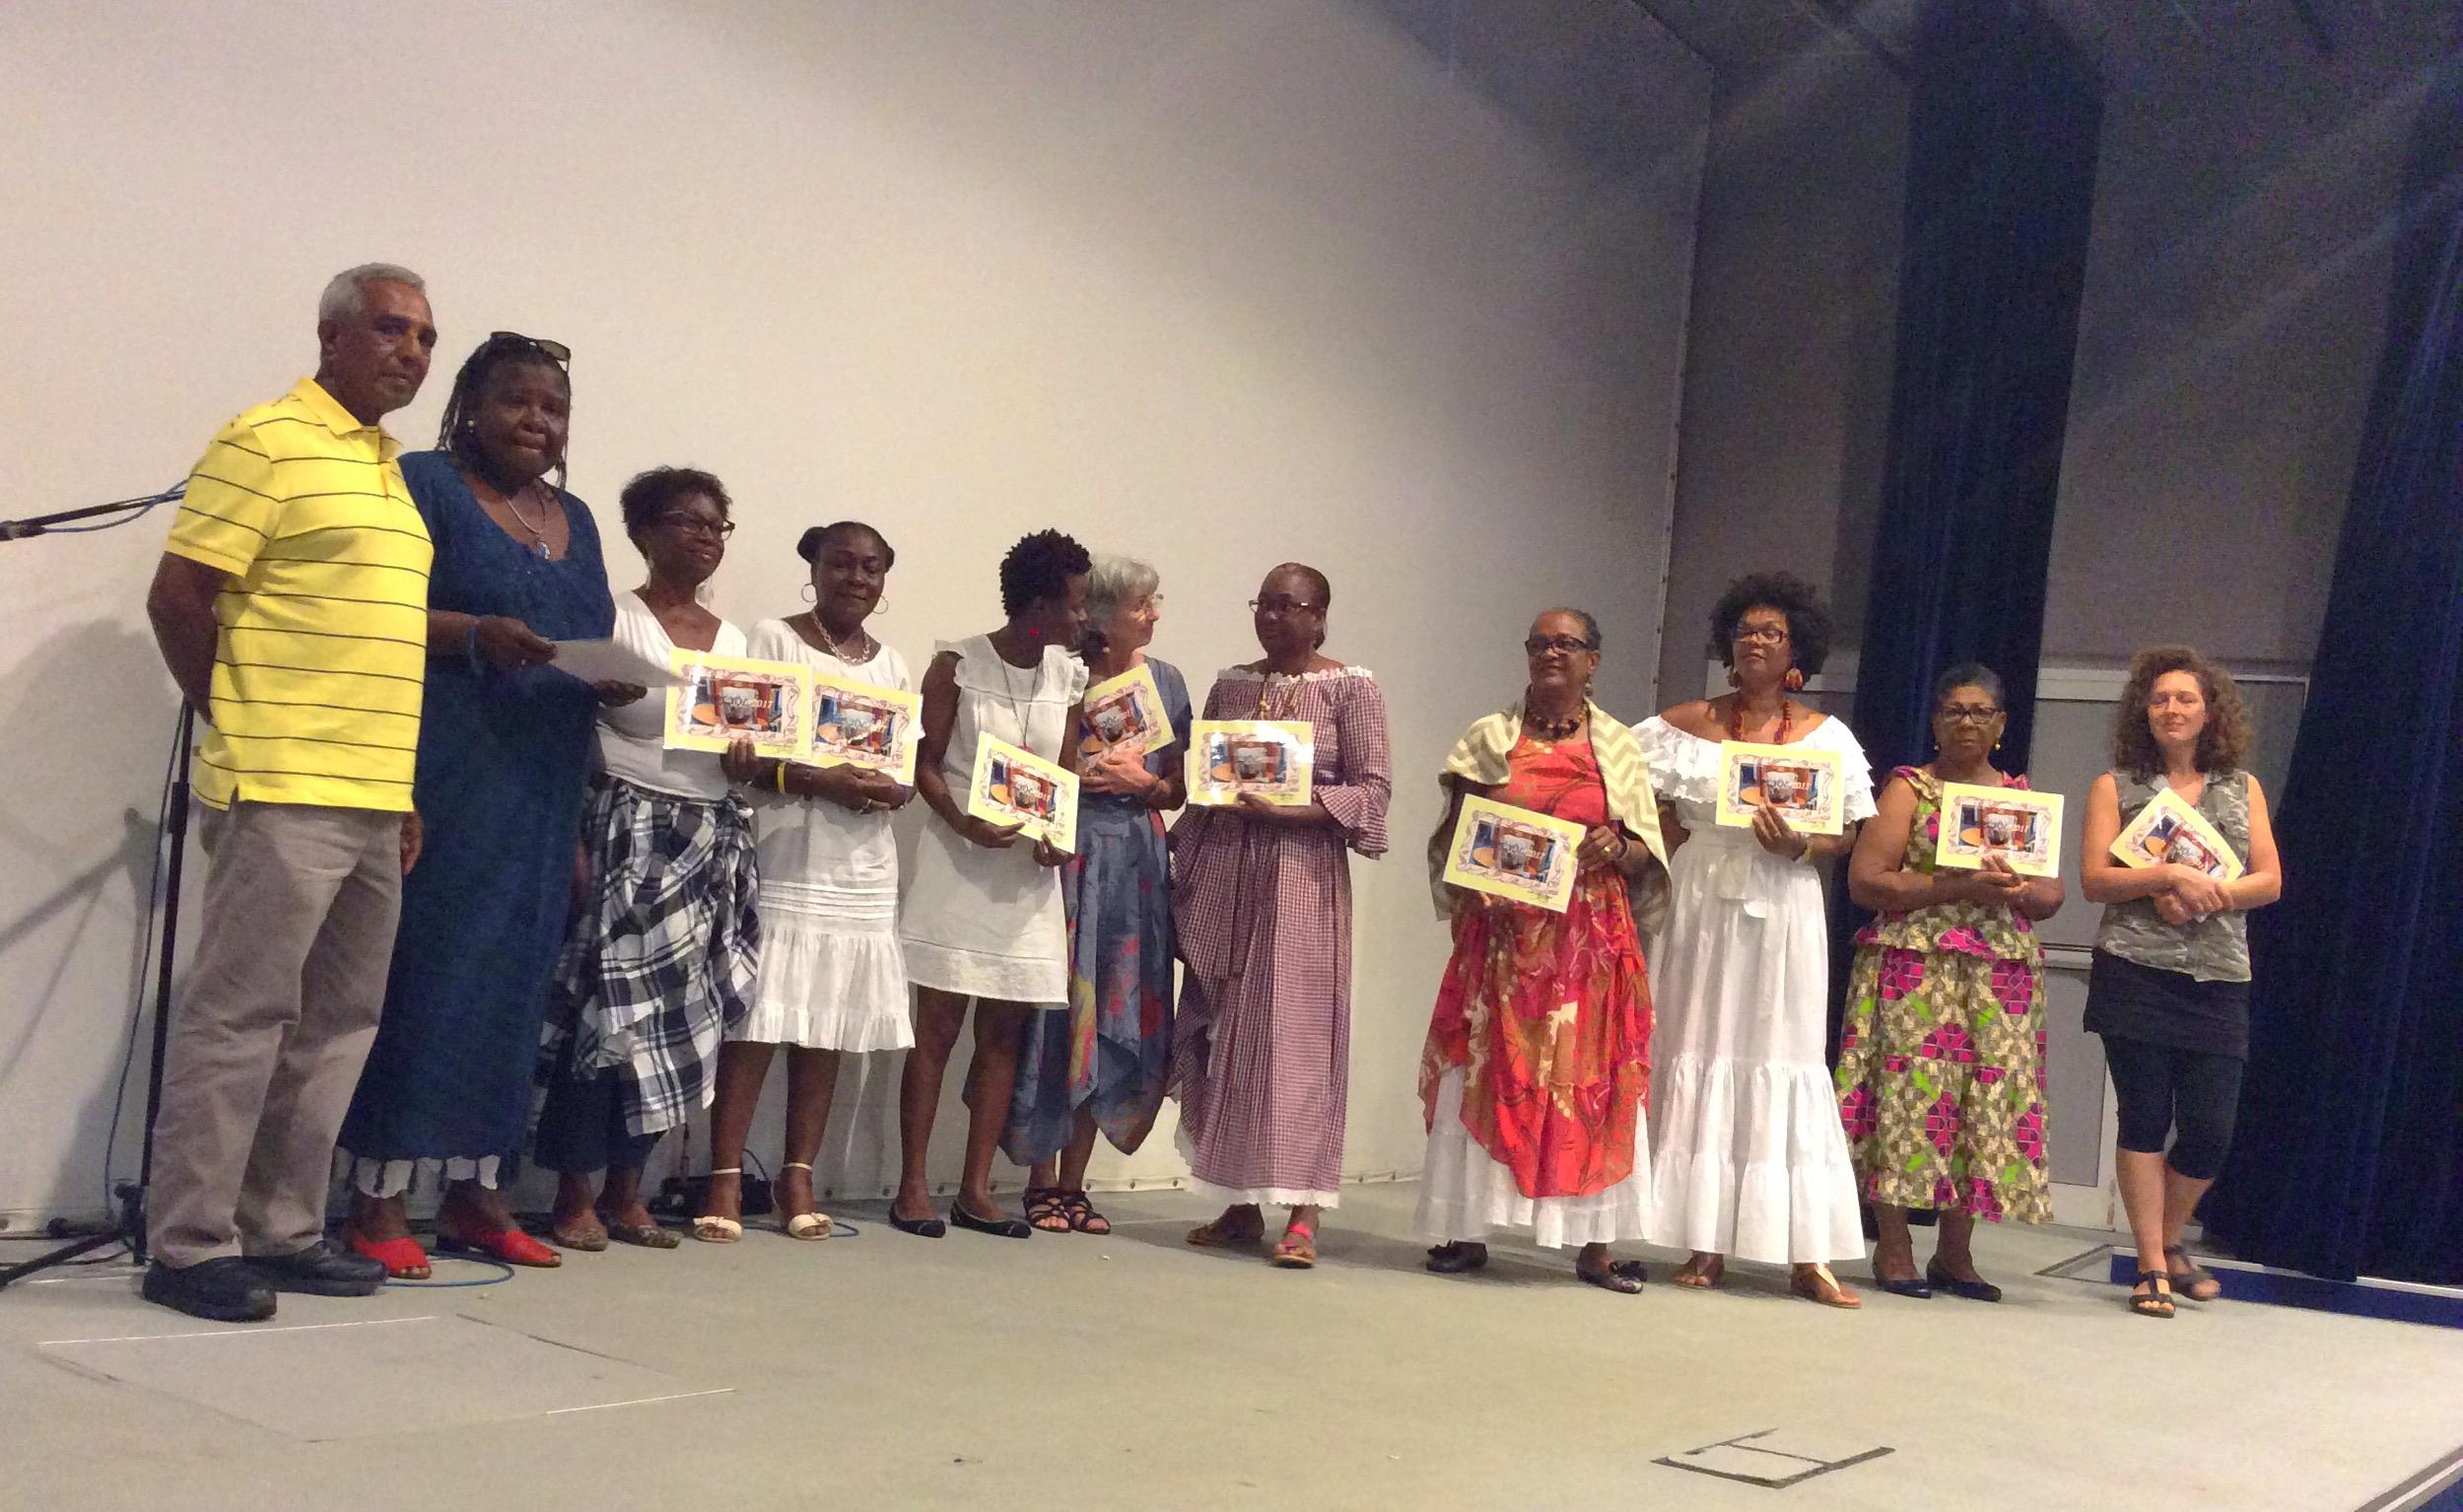 Remise de diplômes - Elèves de l'atelier créole accompagnés de leur professeur M. Lucien Gayadine